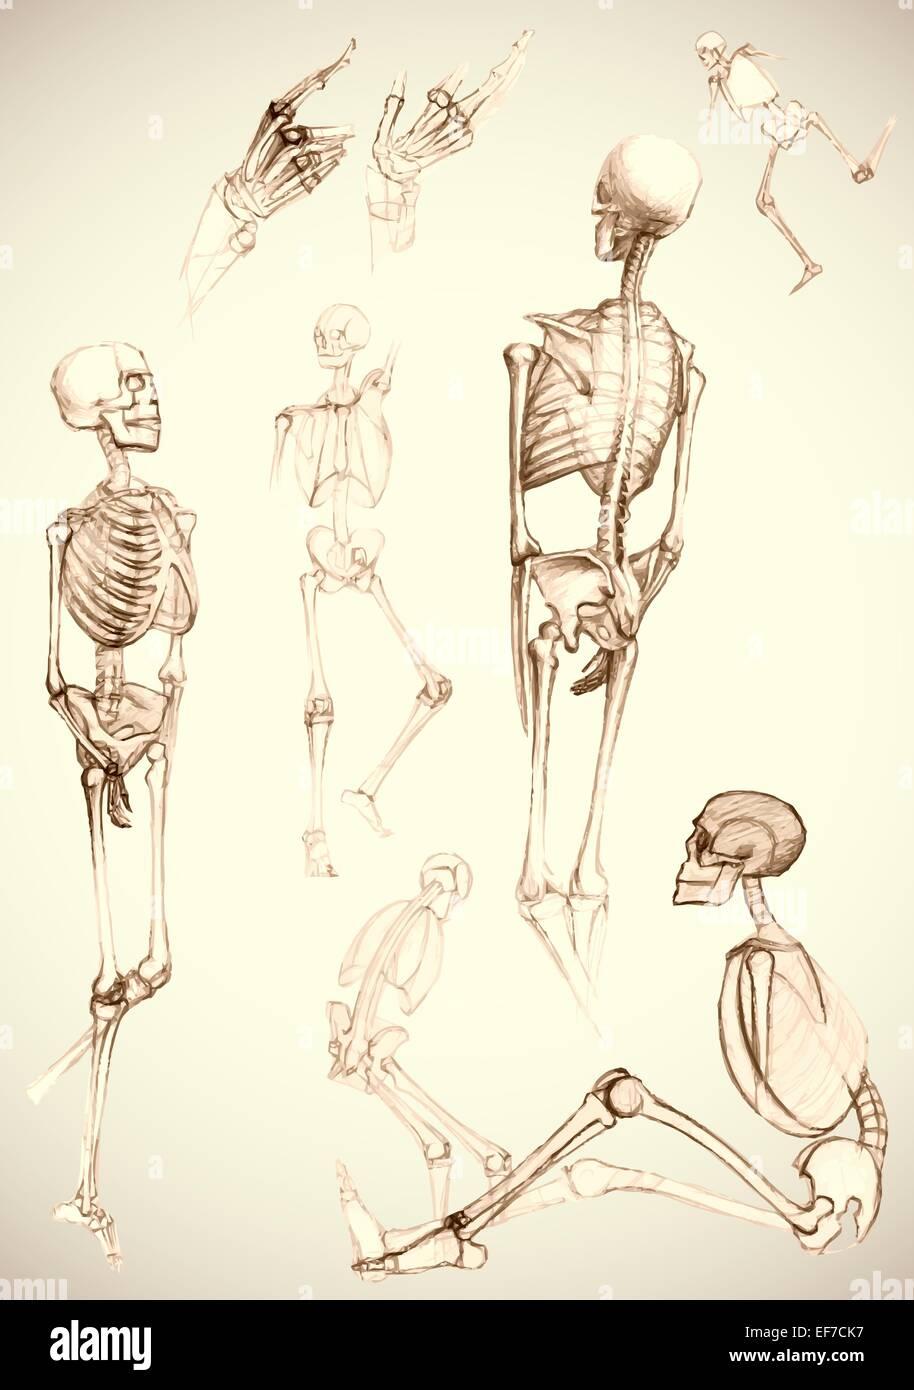 Conjunto de partes del cuerpo humano y esqueletos en diferentes ...